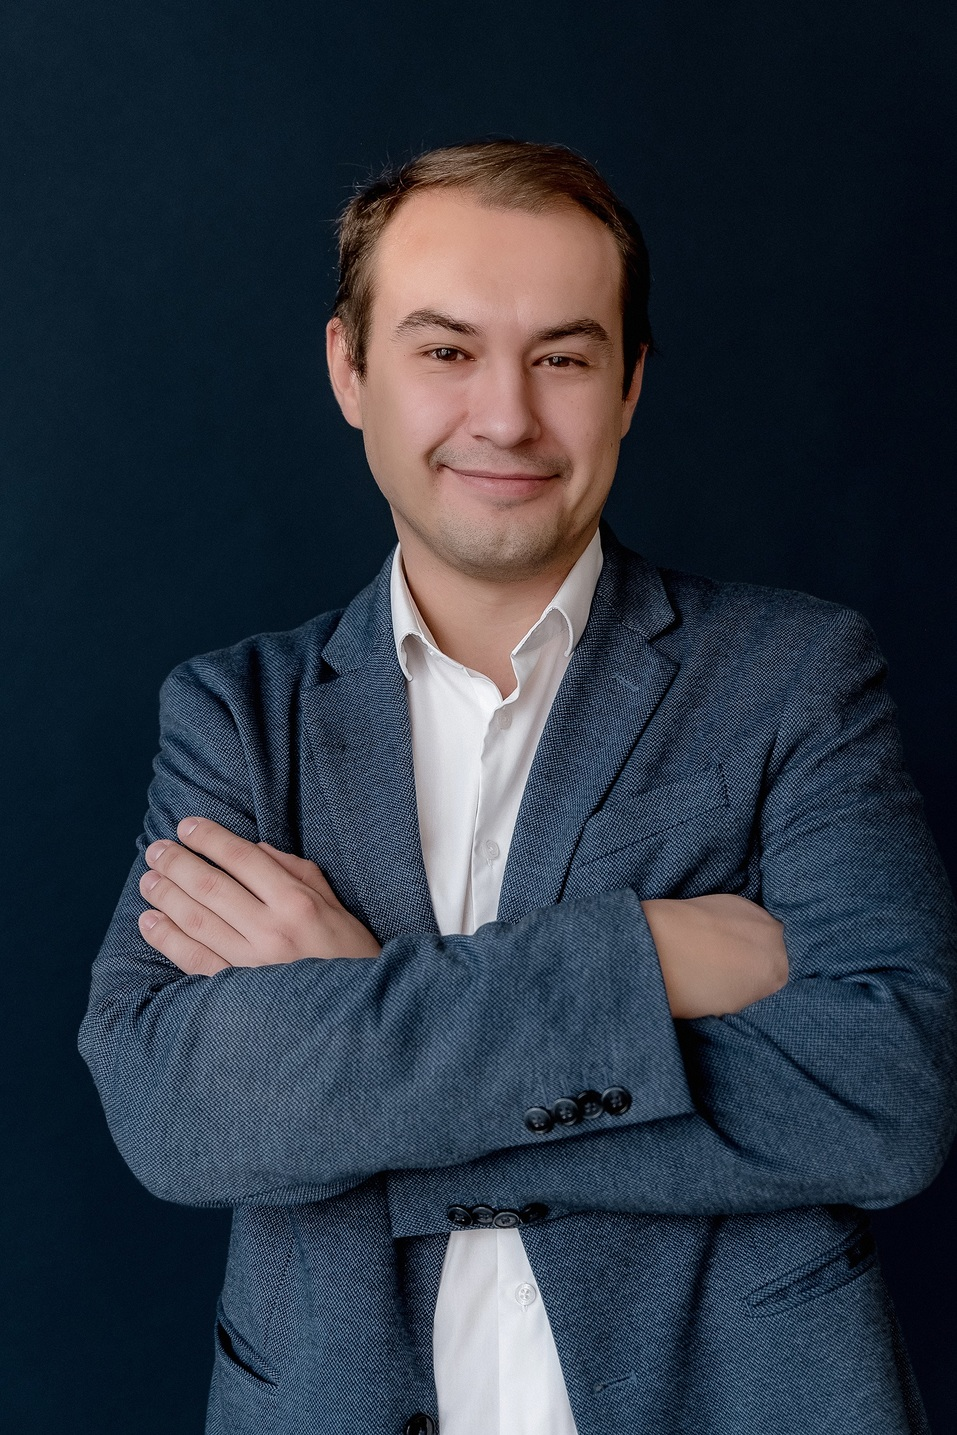 Валерий Денисенко: «Подвоха нет, есть задача увеличить экспорт» 1